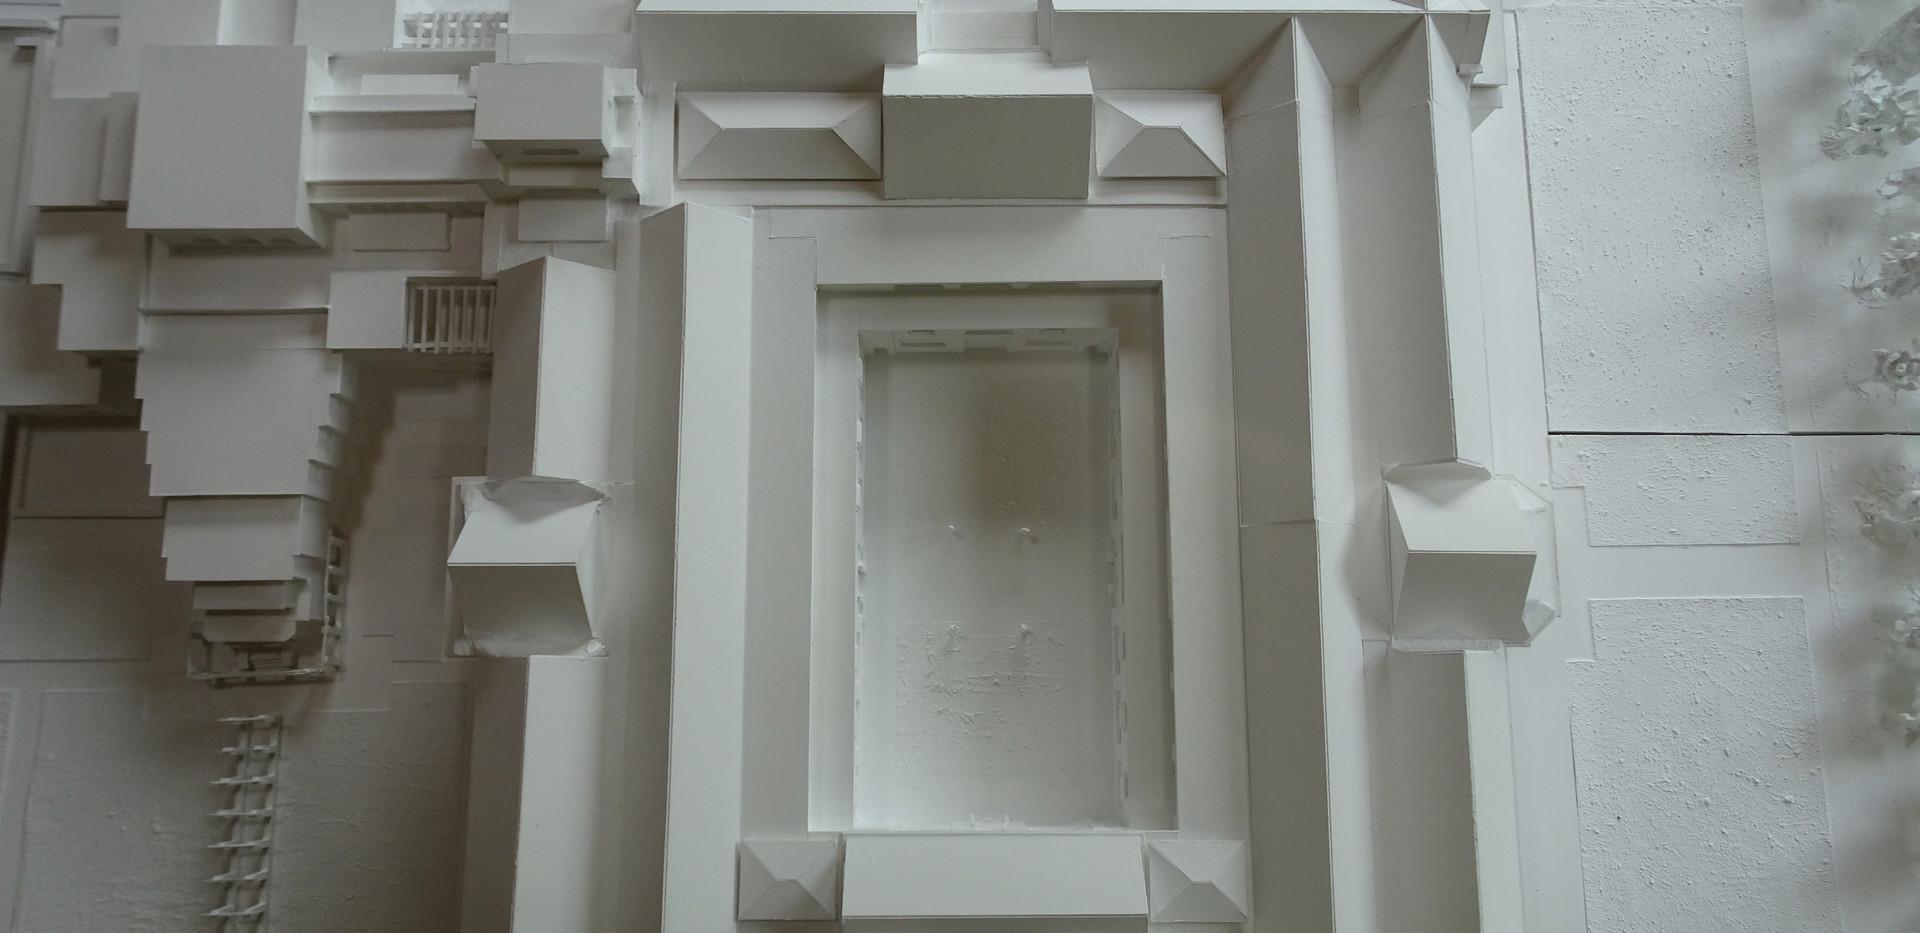 Maquette Kunstmuseum Den Haag